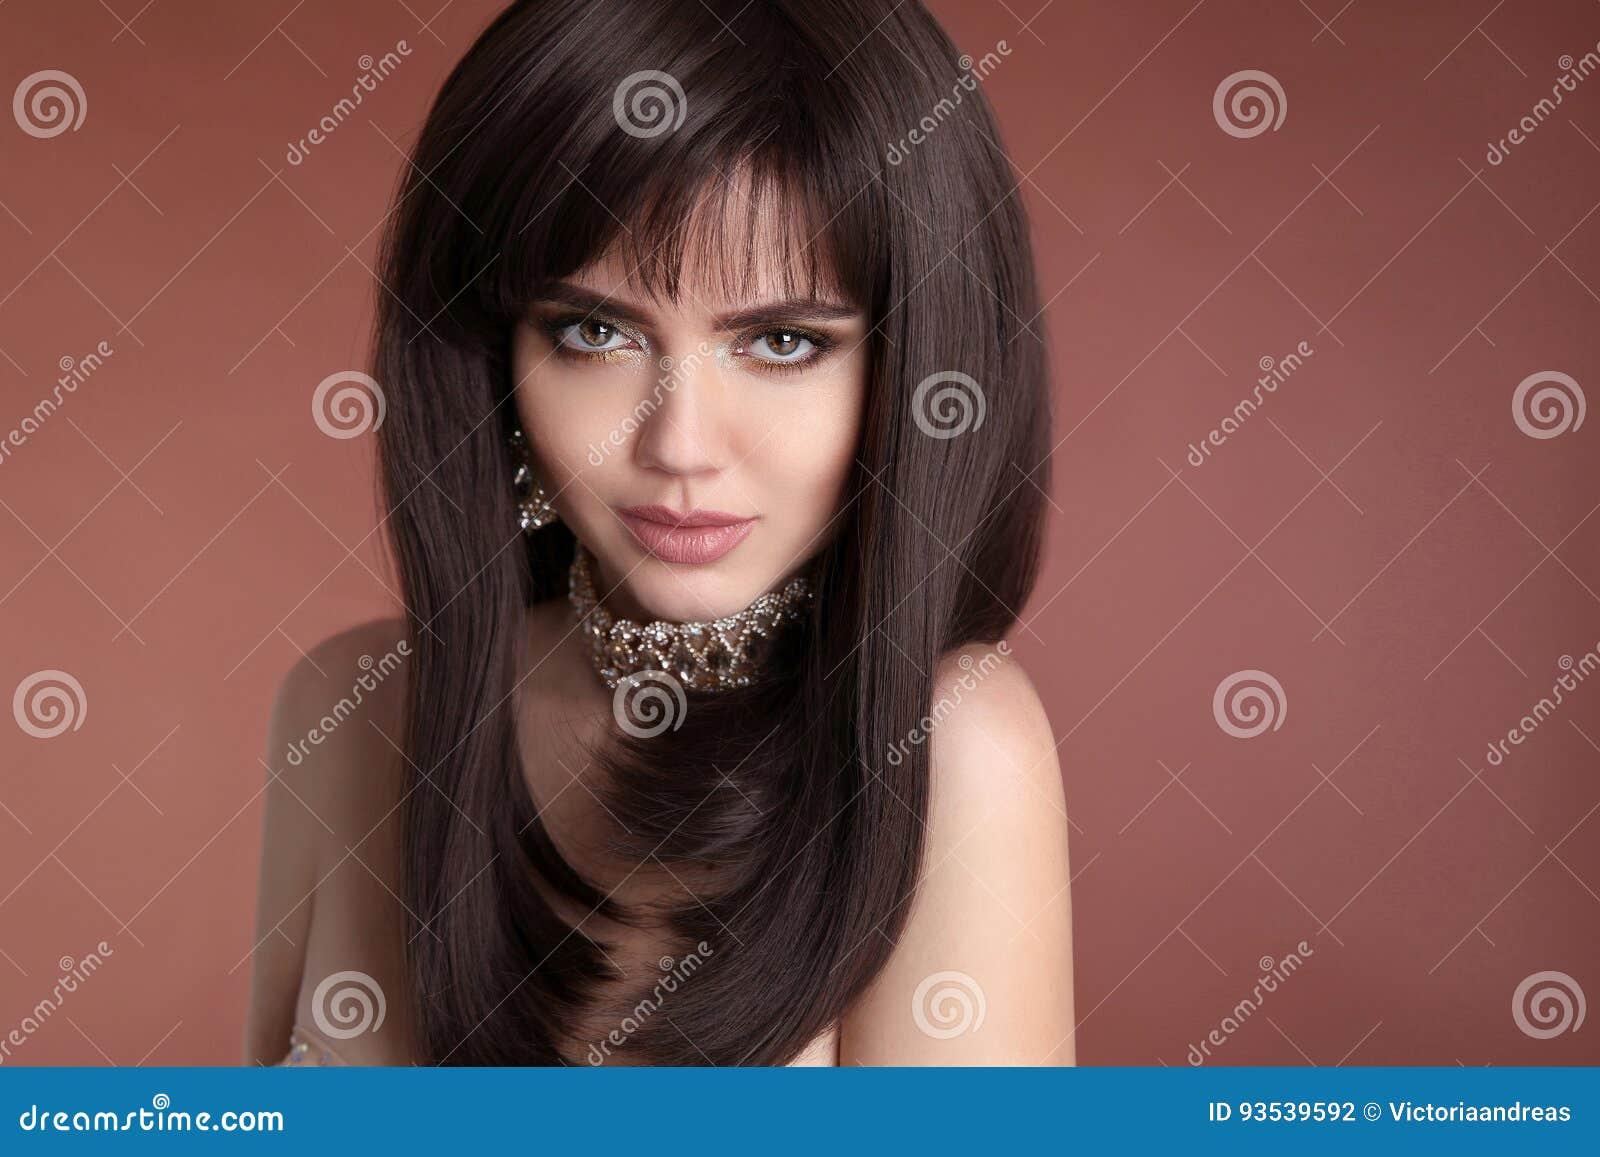 Hairstyle Schoonheidsportret van donkerbruin vrouwelijk gezicht met make-up,